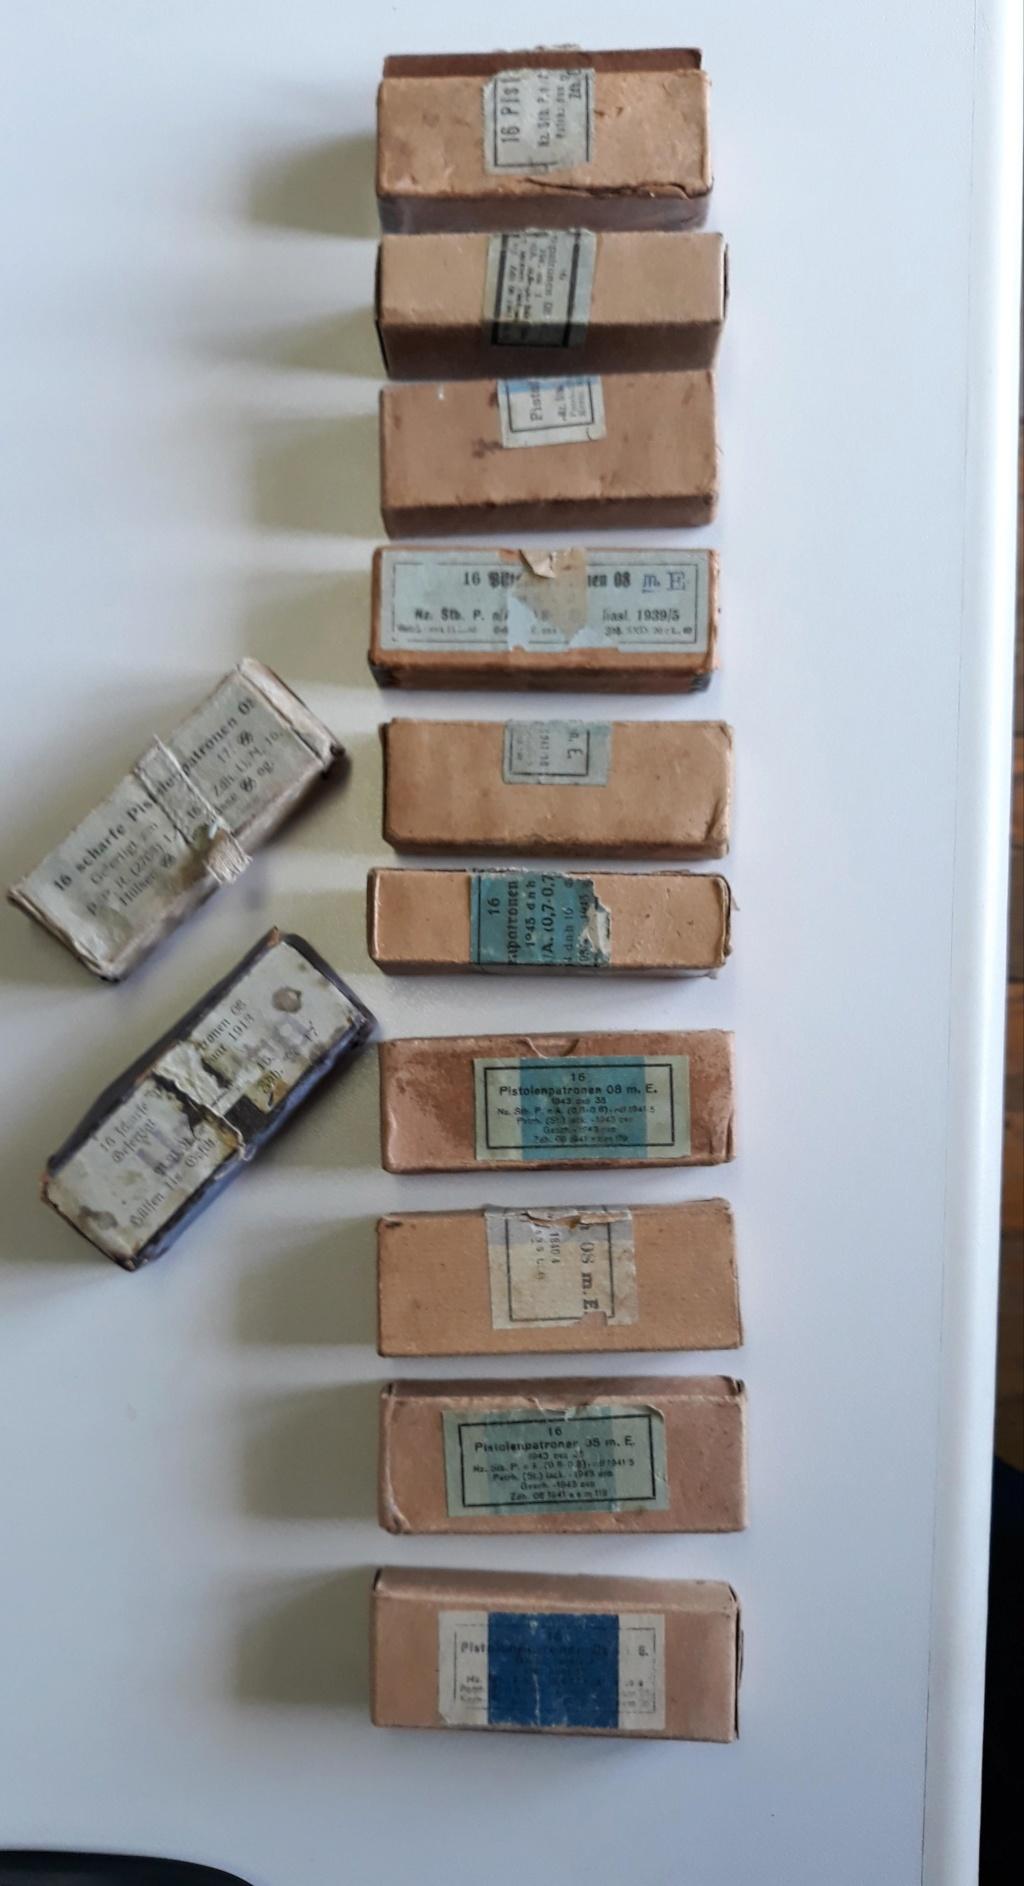 Ma petite collection de boites 9 mm Luger allemandes Boites10